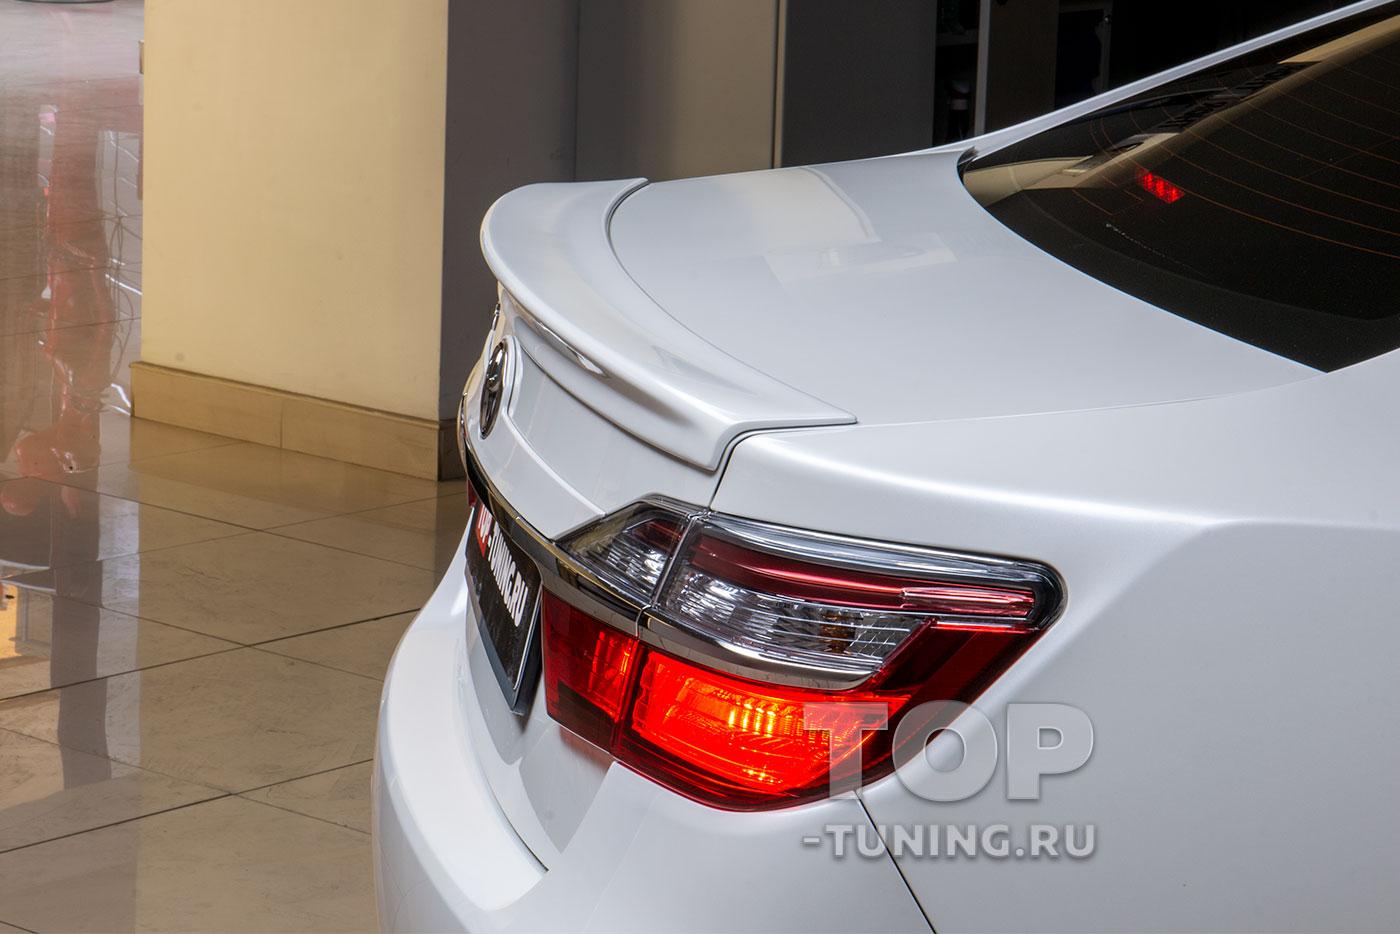 103168 Установка спойлера и козырька для Toyota Camry XV50